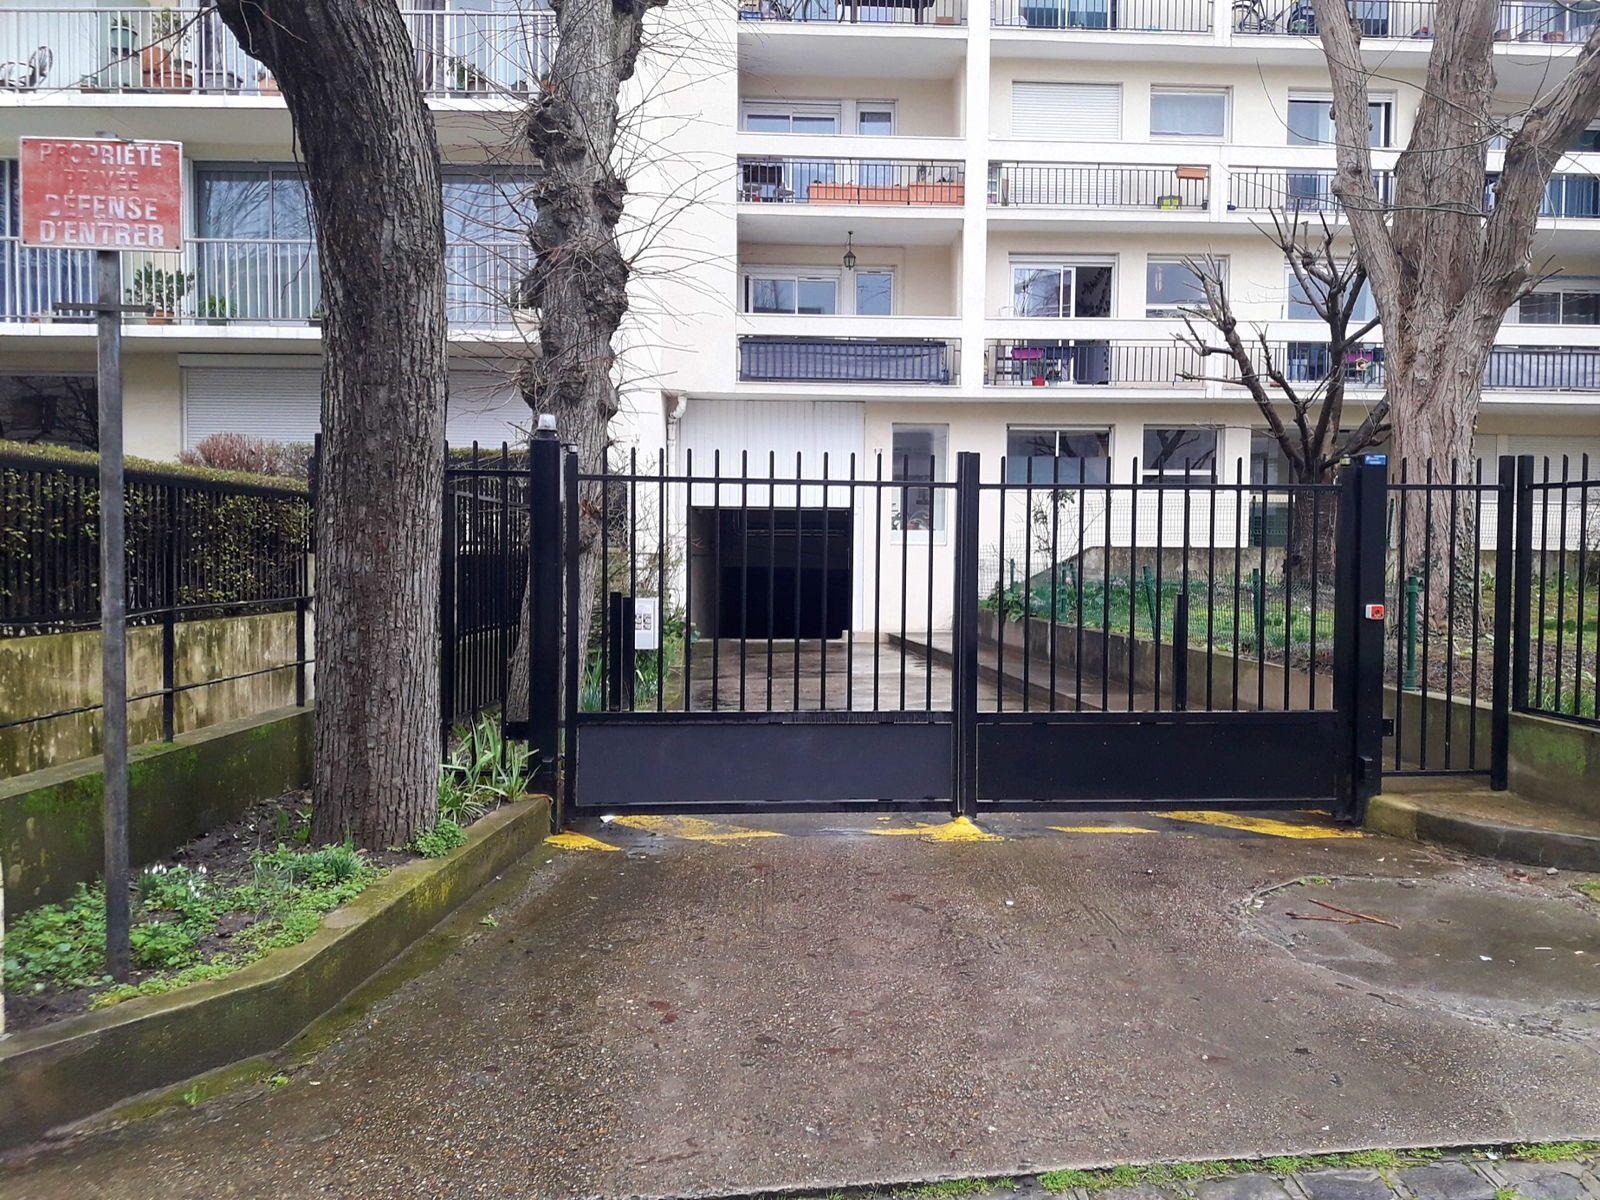 Loue place de parking 11m² - Montreuil (93)